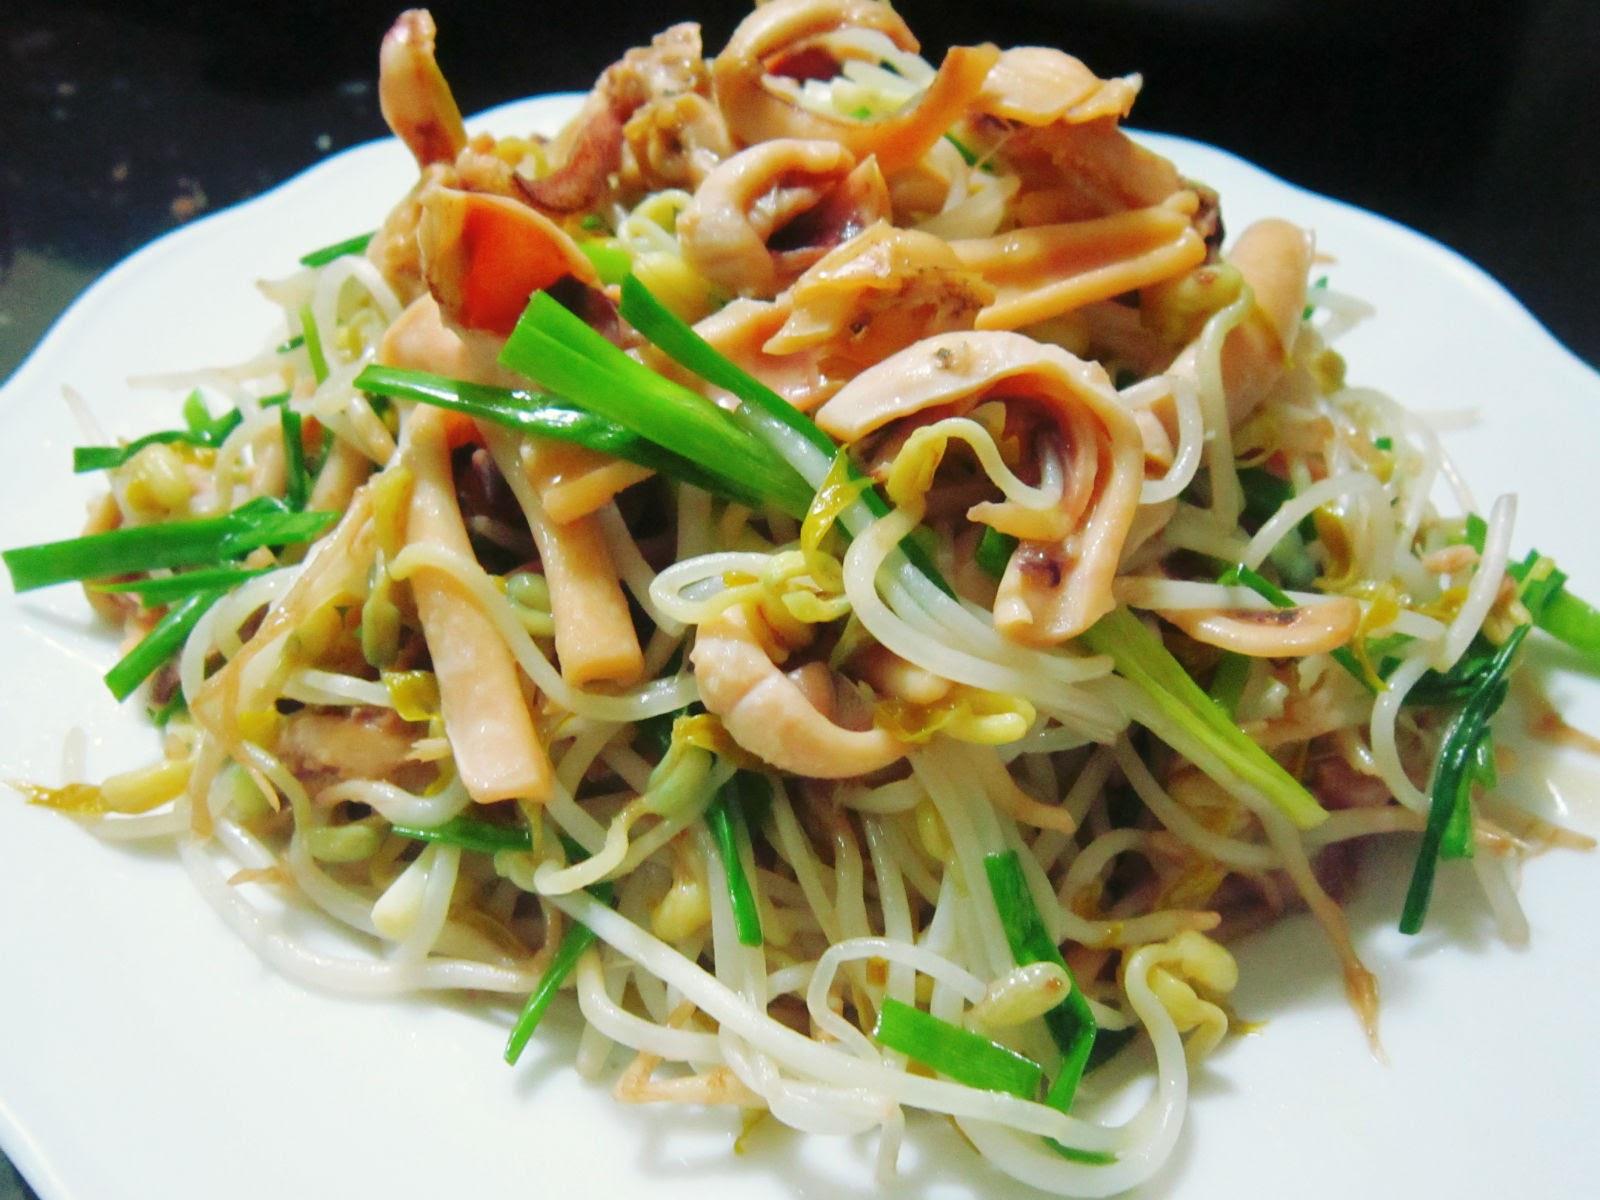 Giá đỗ- món ăn yêu thích của các gia đình Việt